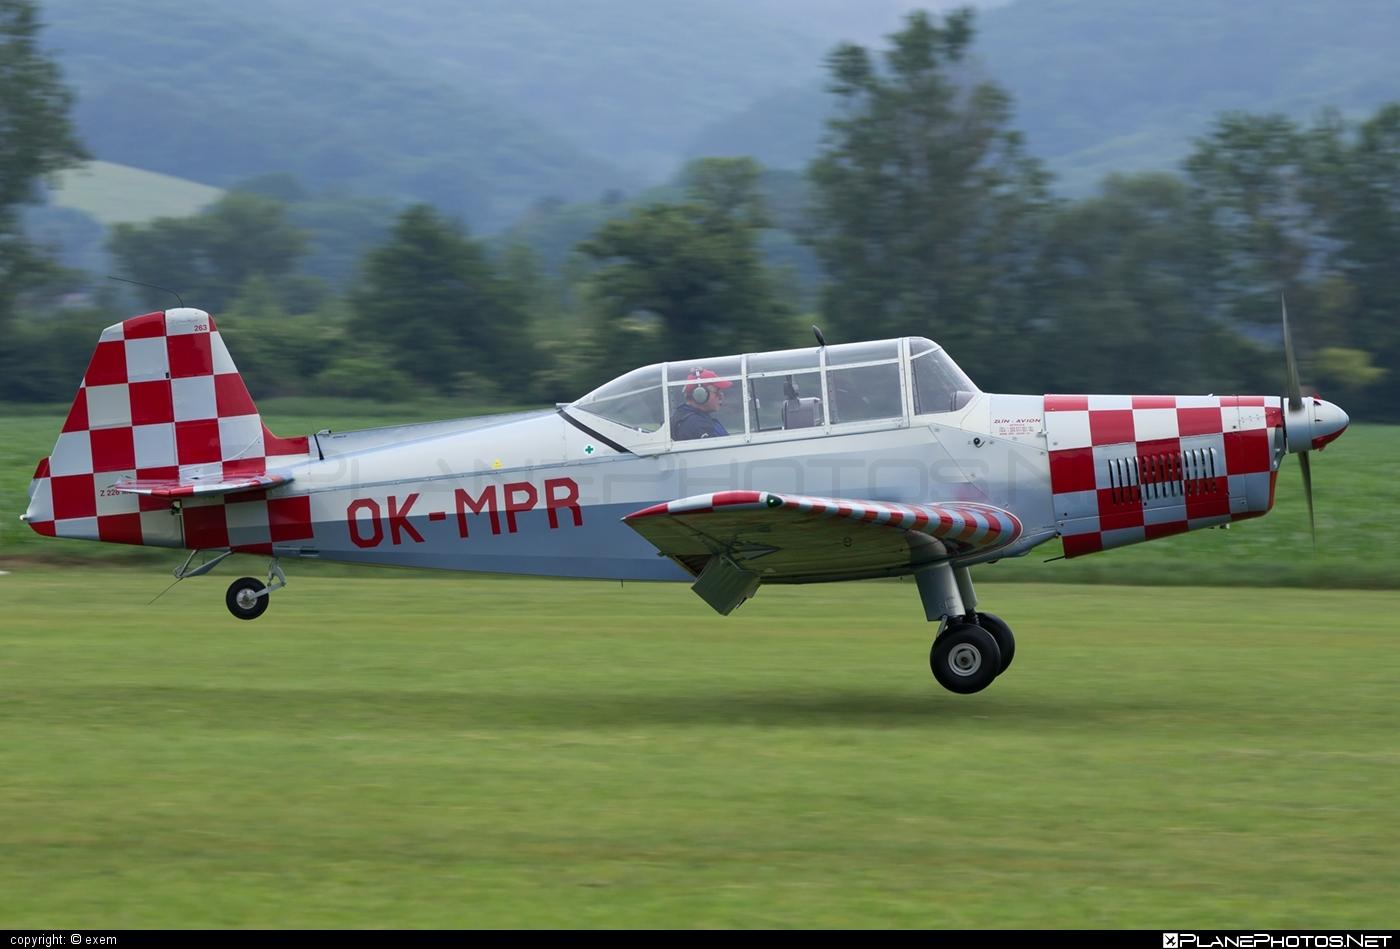 Zlin Z-226MS Trenér - OK-MPR operated by Slezský aeroklub Zábřeh #z226 #z226trener #zlin #zlin226 #zlintrener